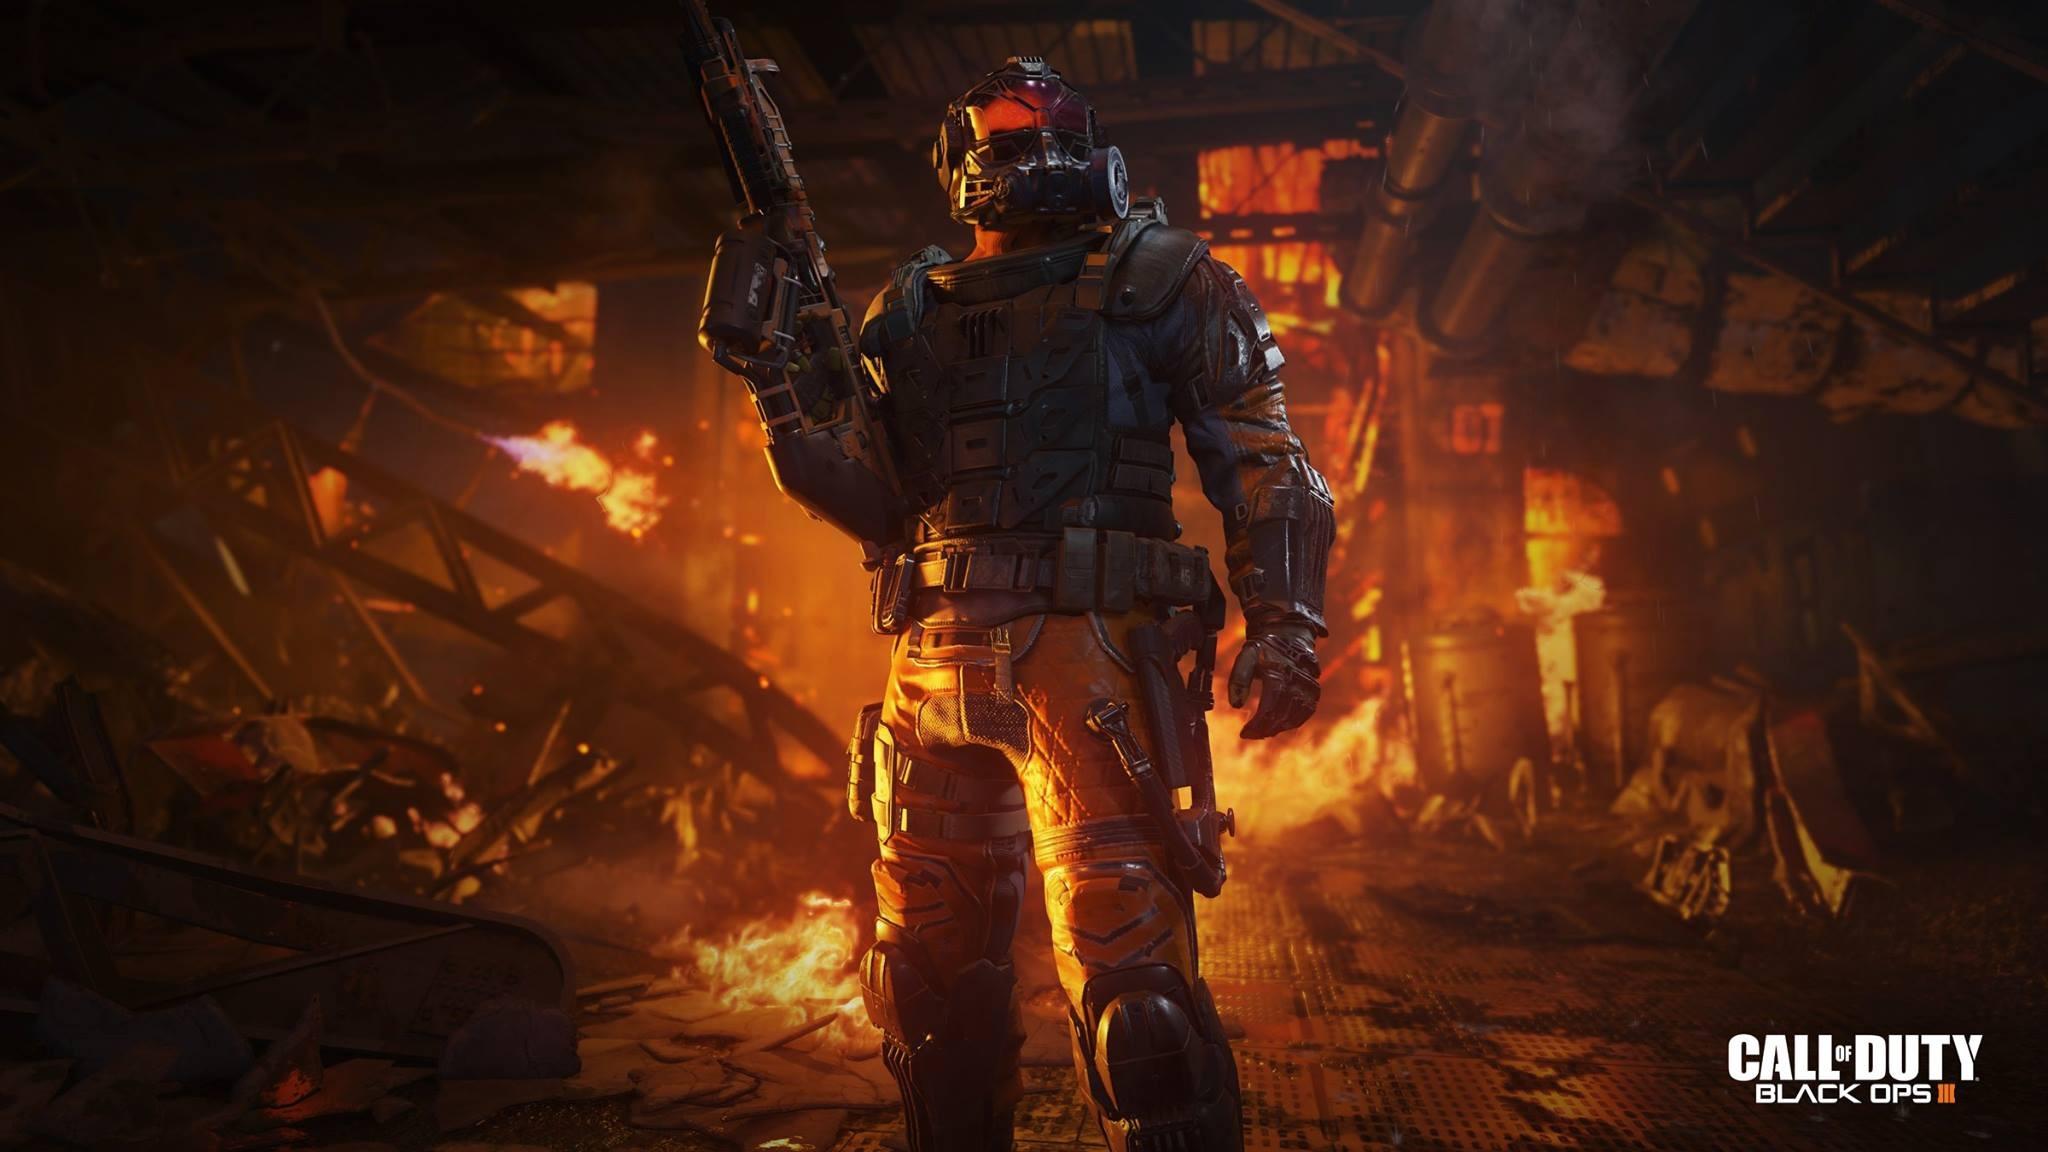 9人目のスペシャリスト Firebreak を含む Cod Bo3 の最新情報が公開 Game Spark 国内 海外ゲーム情報サイト